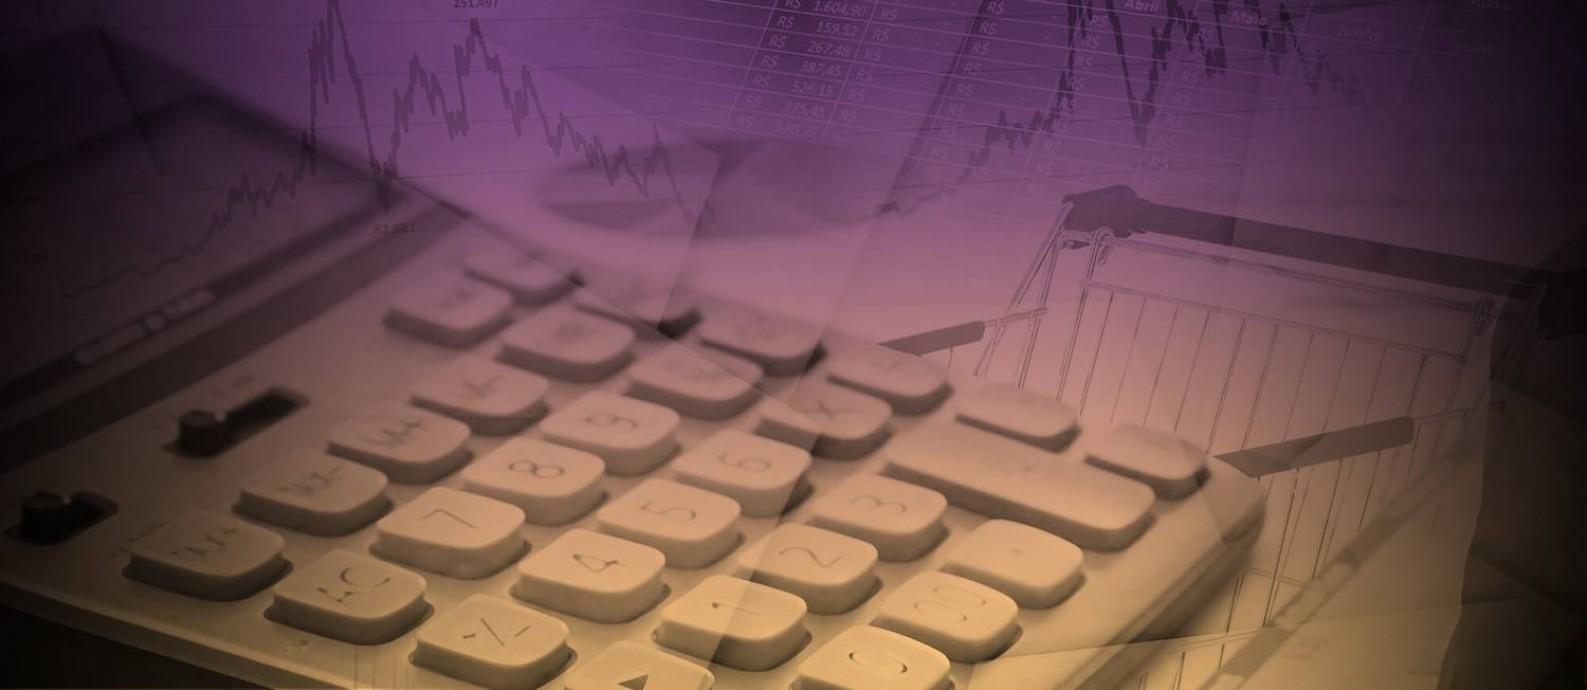 Antes de sanar as dívidas, especialistas indicam que é importante mapear todas as finanças Foto: Editoria de Arte